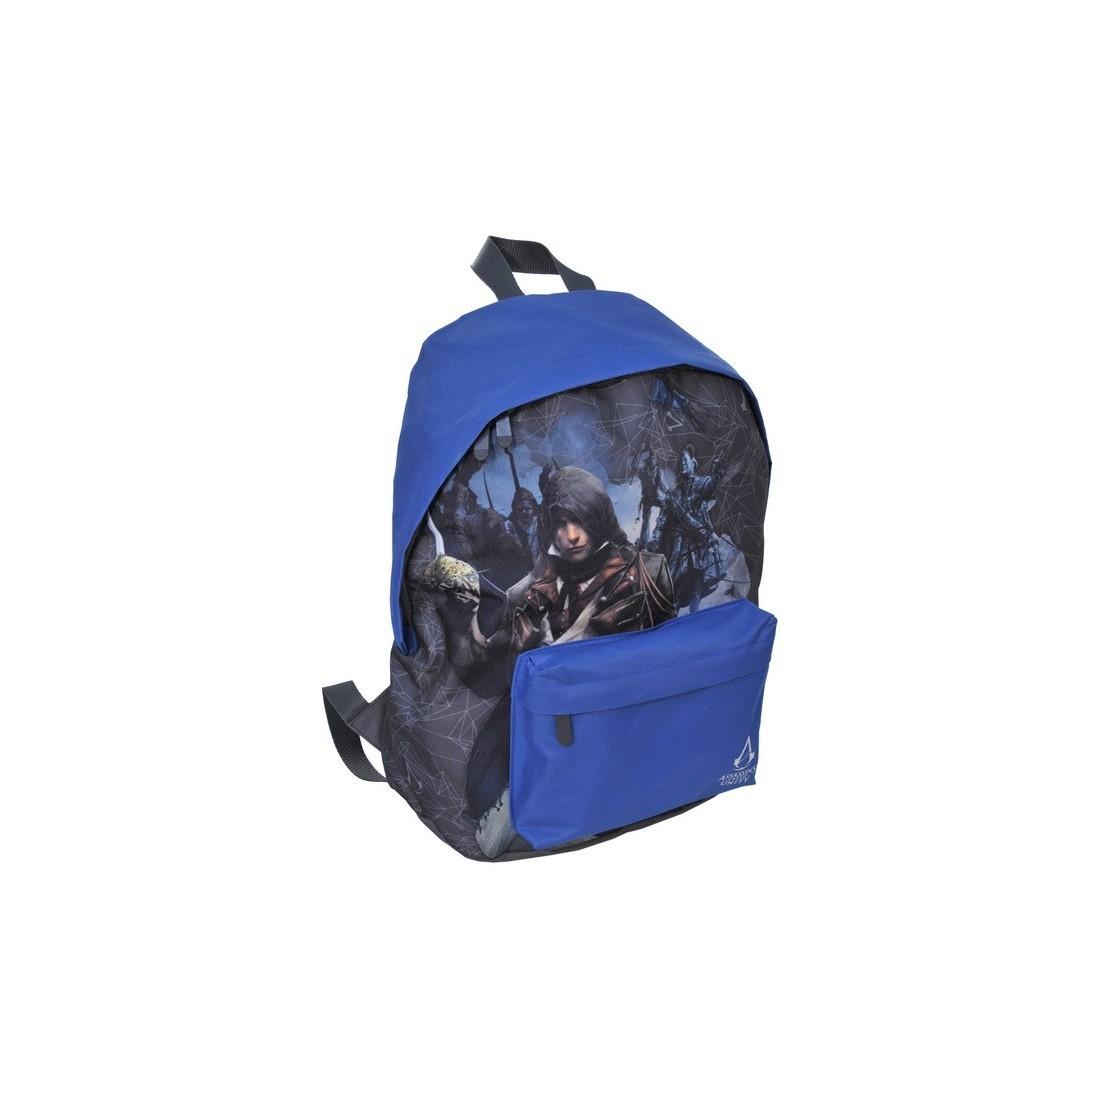 Plecak Assasin's Creed niebieski - plecak-tornister.pl